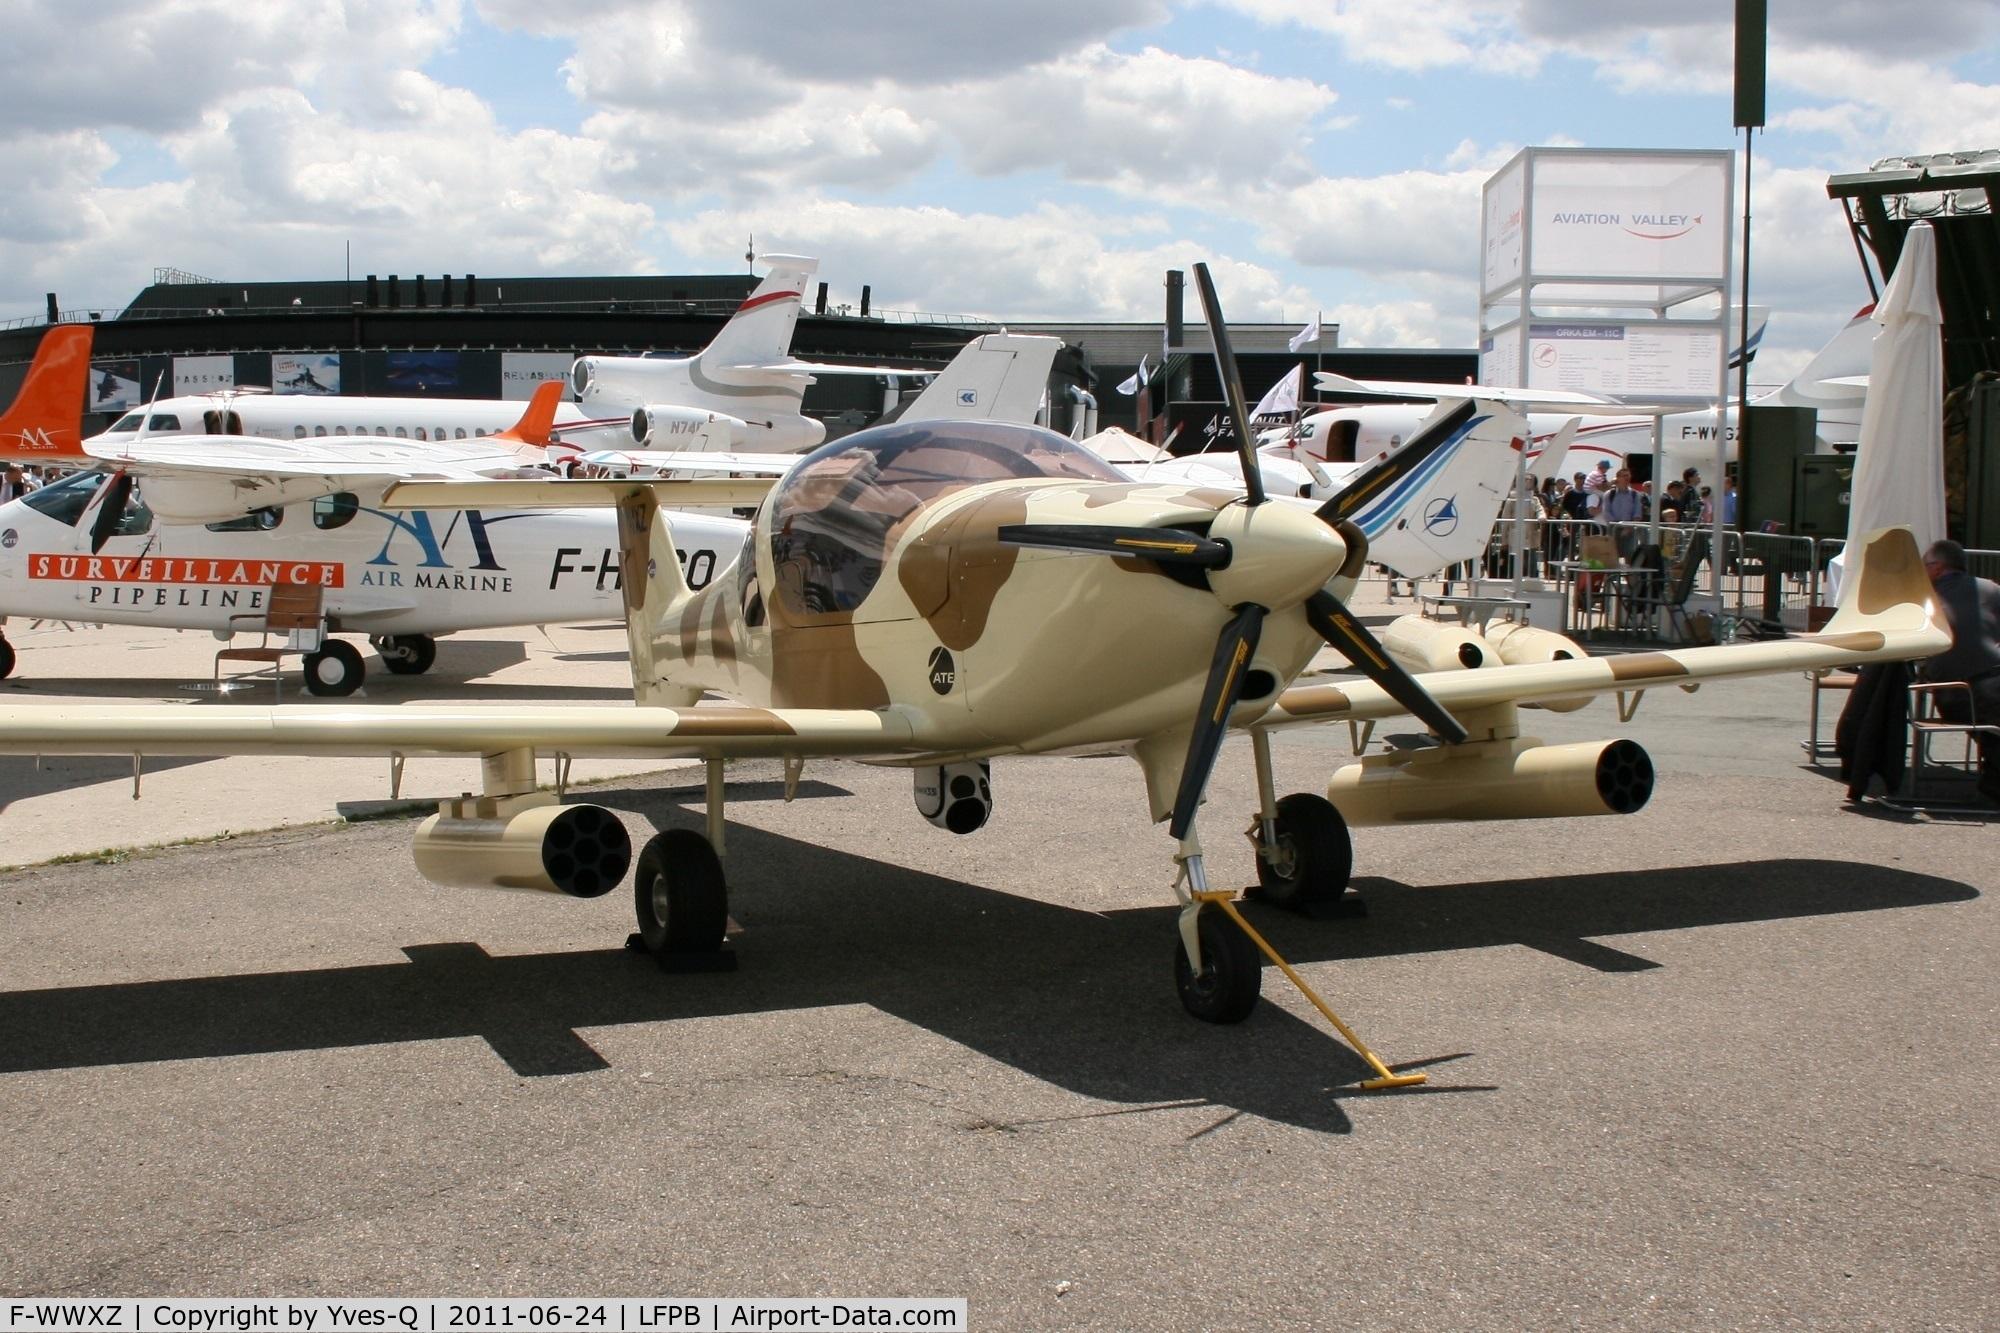 F-WWXZ, Dyn'Aero Pulsatrix C/N 001, Dyn'Aero Pulsatrix MCR R-180, Static Display, Paris Le Bourget (LFPB-LBG) Air Show 2011